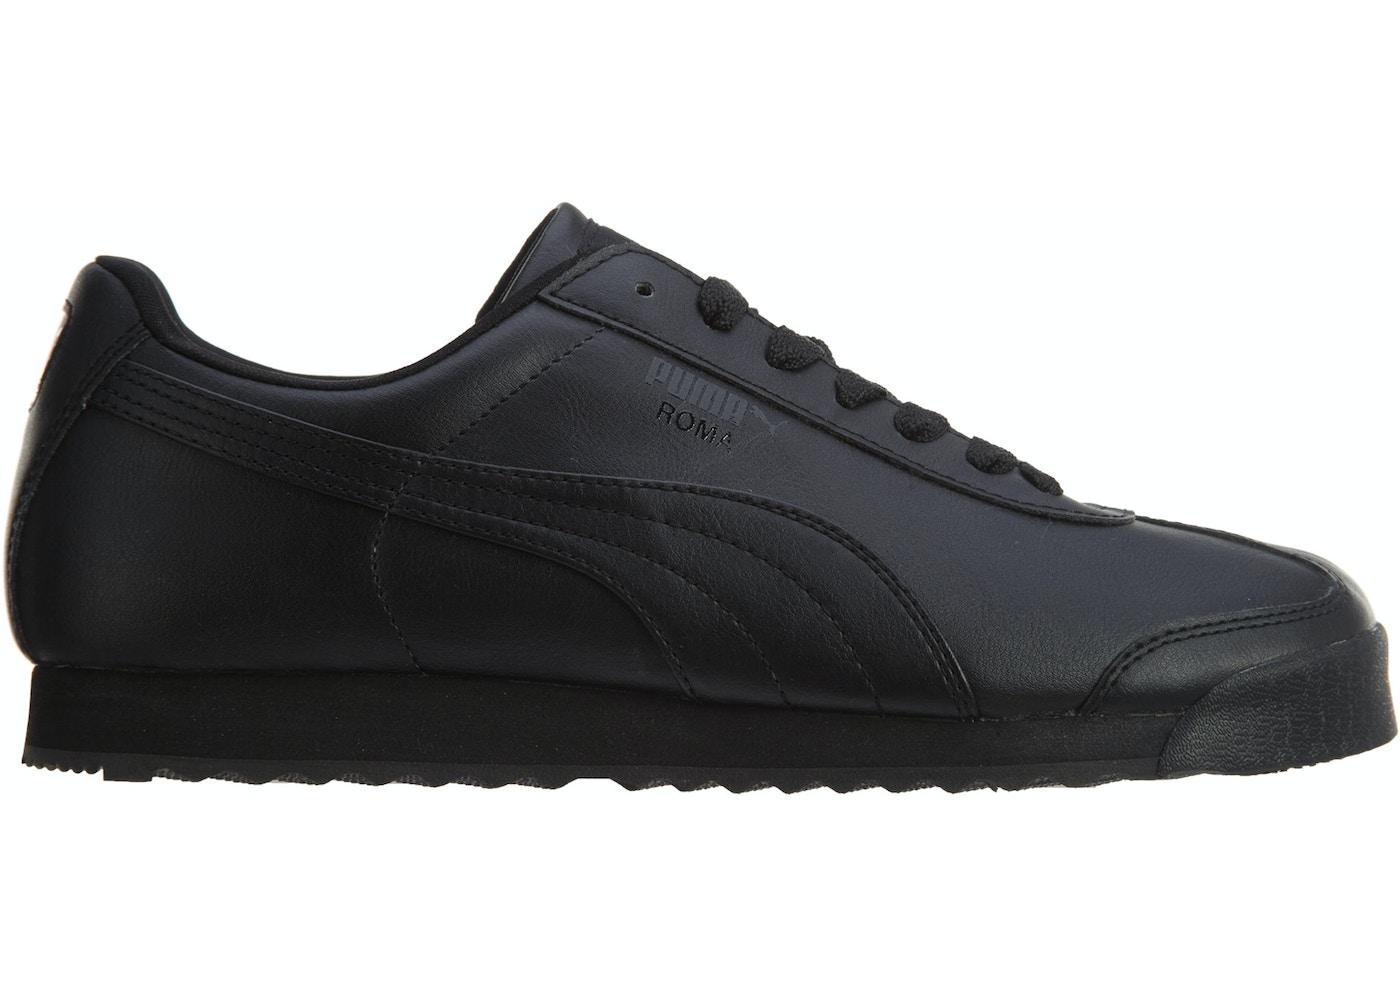 3e88663c Puma Roma Basic Black/Black